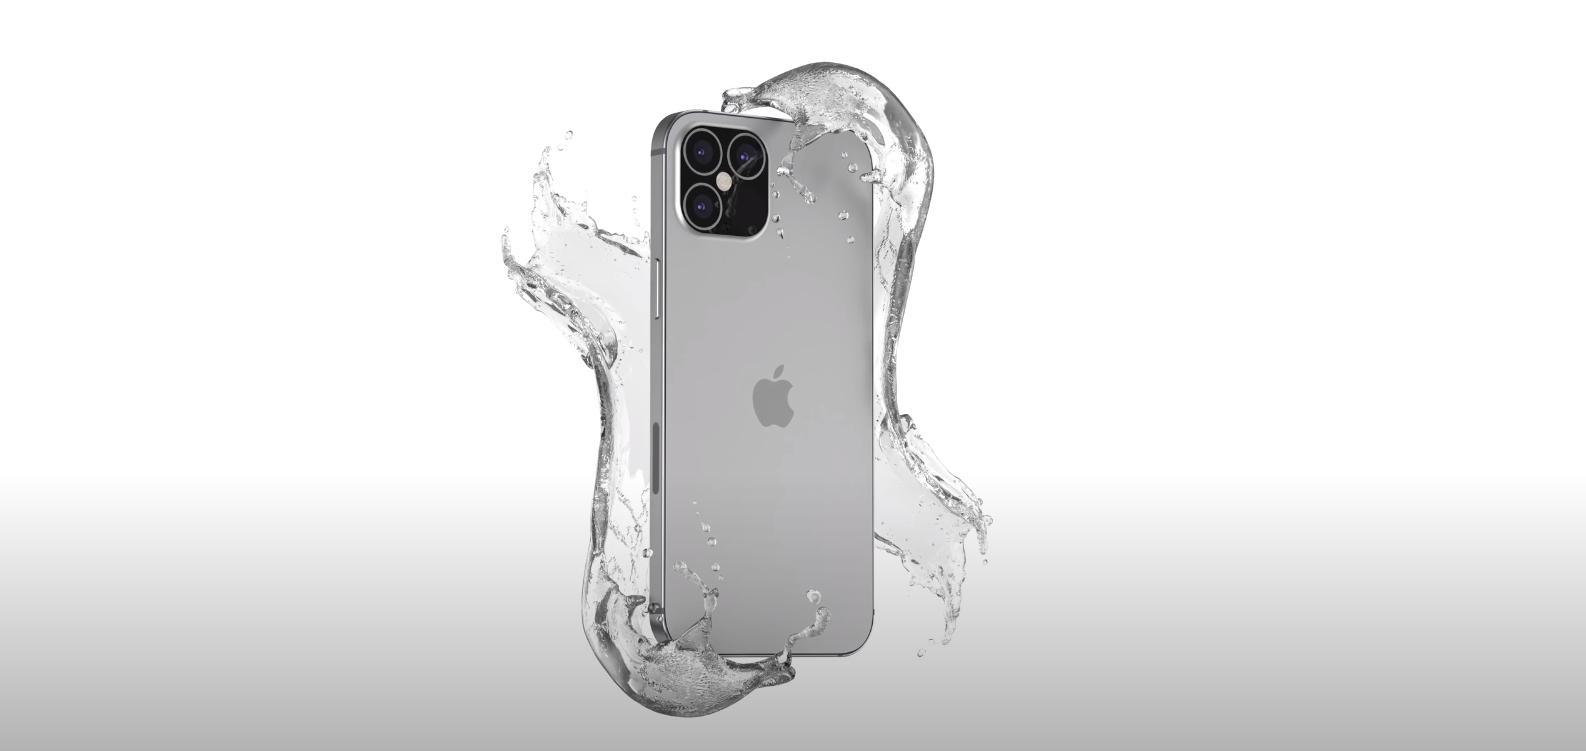 Takto by měl vypadat iPhone 12 Pro Max